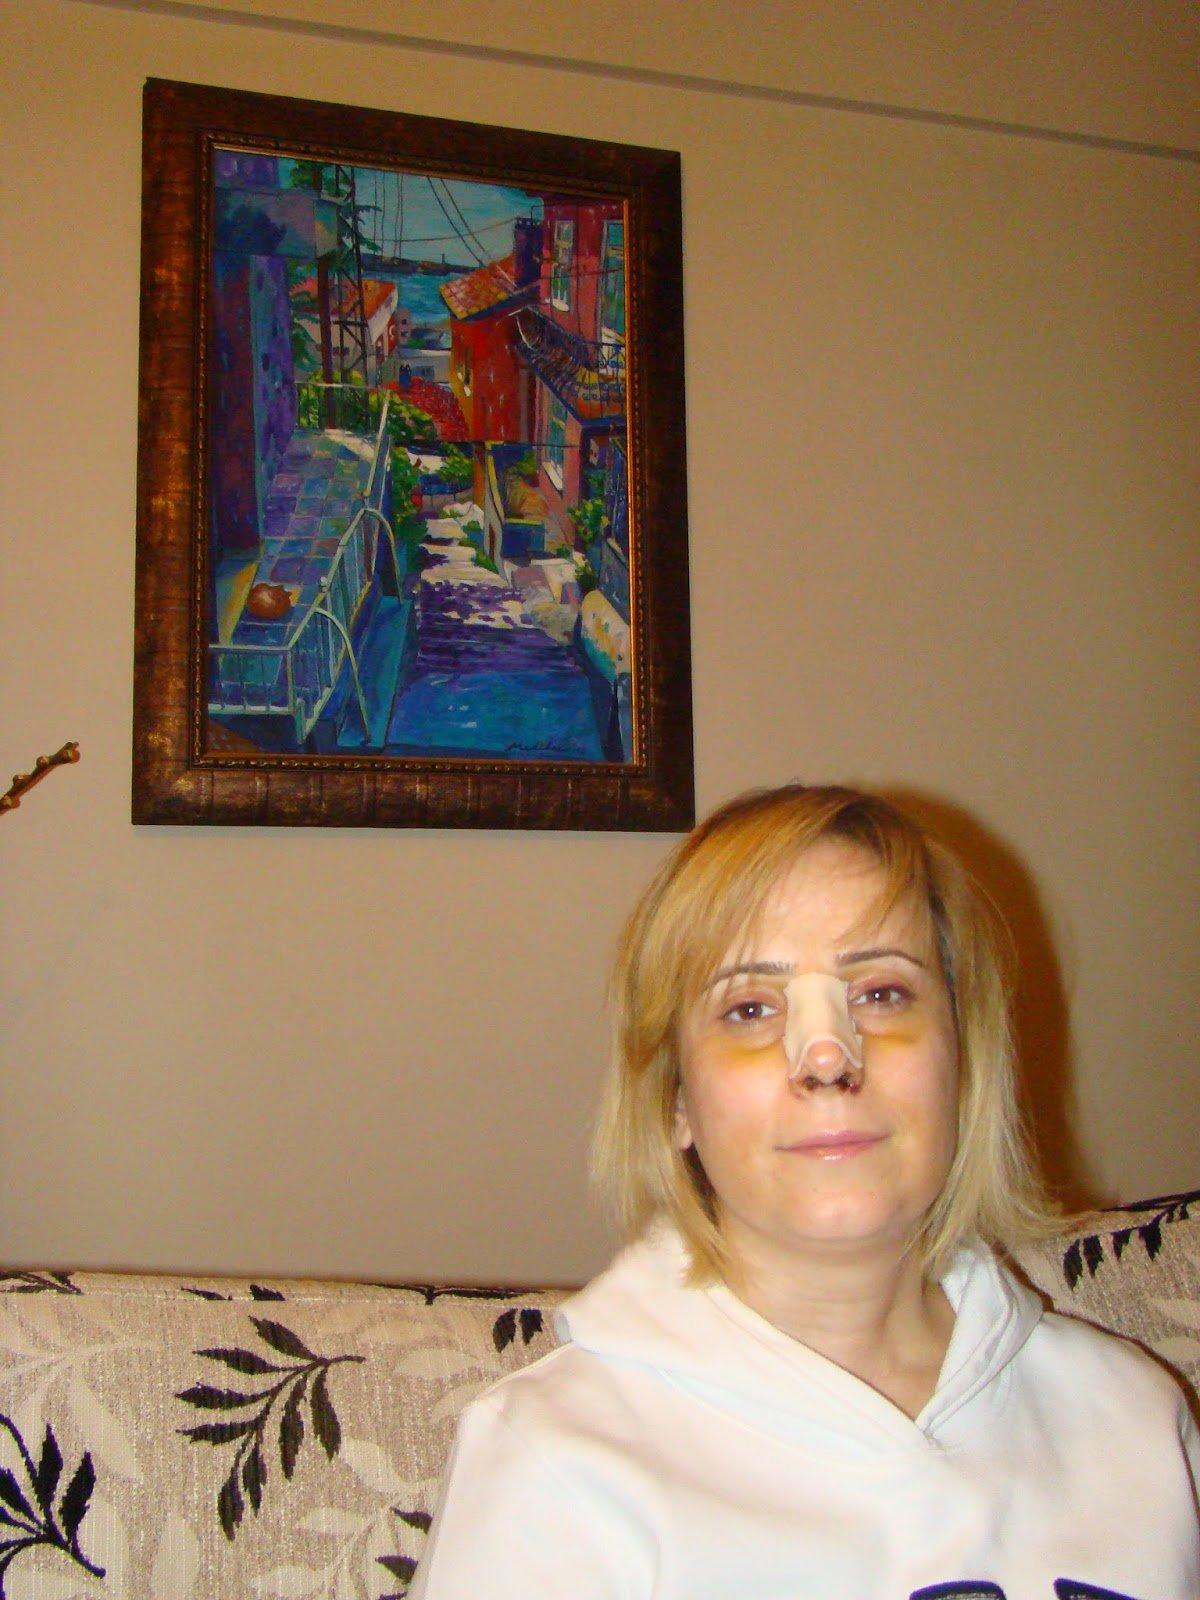 38 yaşında kemerli burun sebebi ile olduğum burun ameliyatım